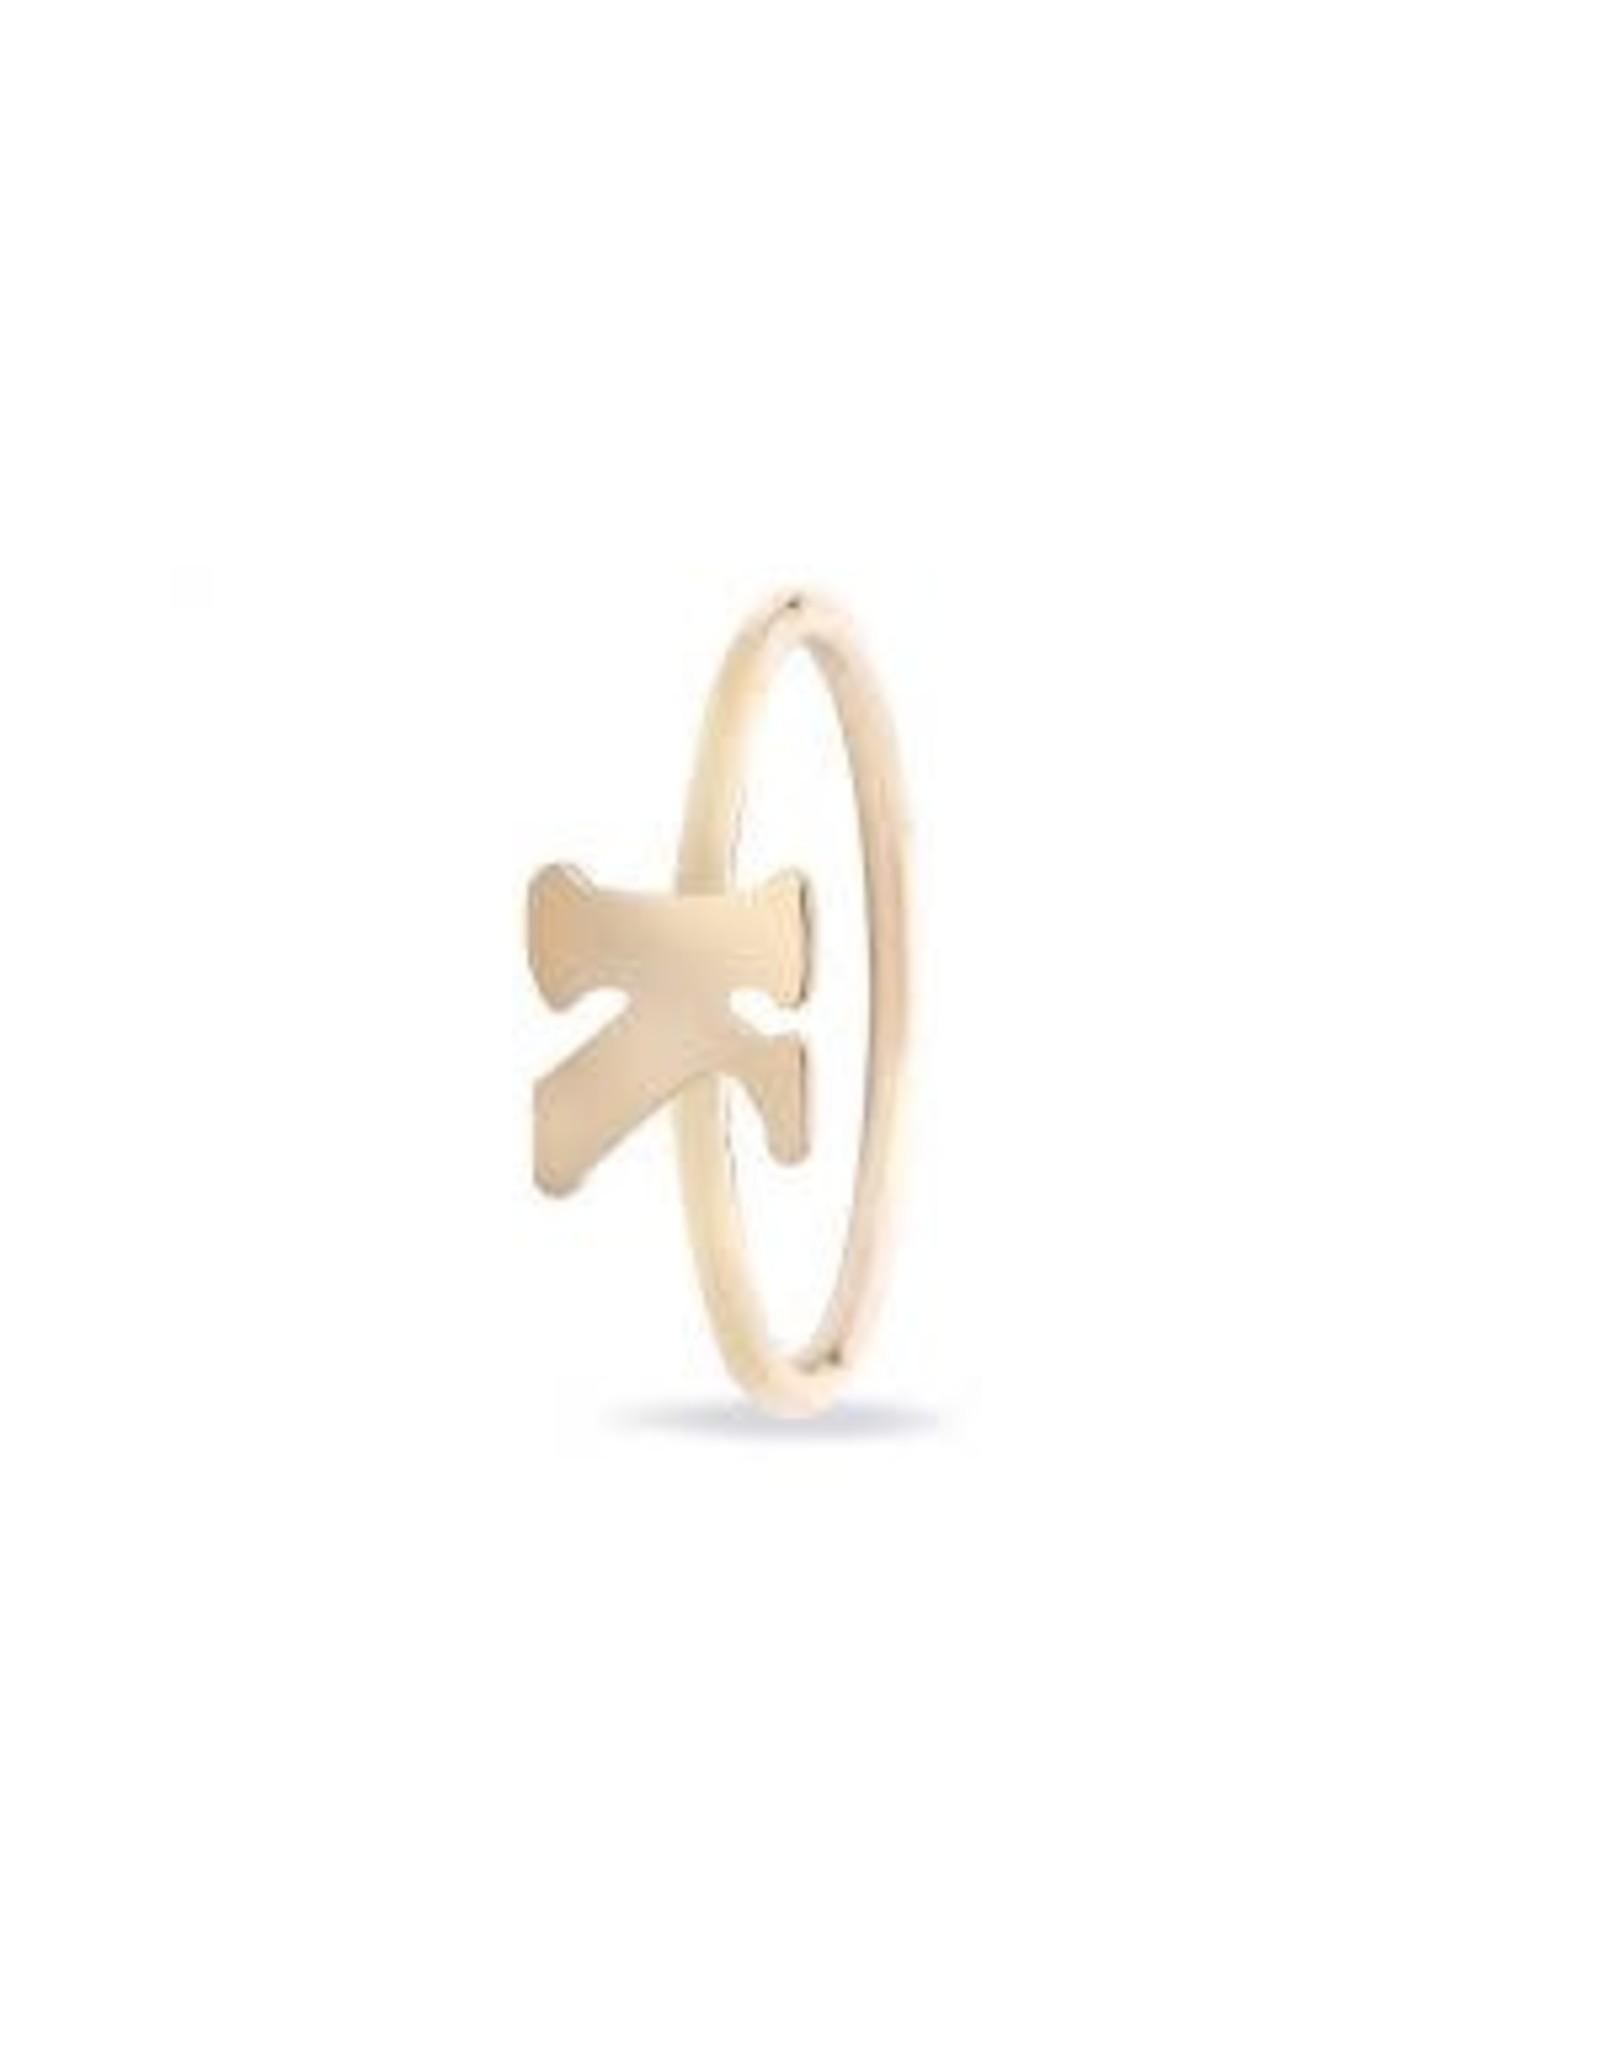 Miss Spring Ring Geel Goud 18kt MSR194GG-LETTER D